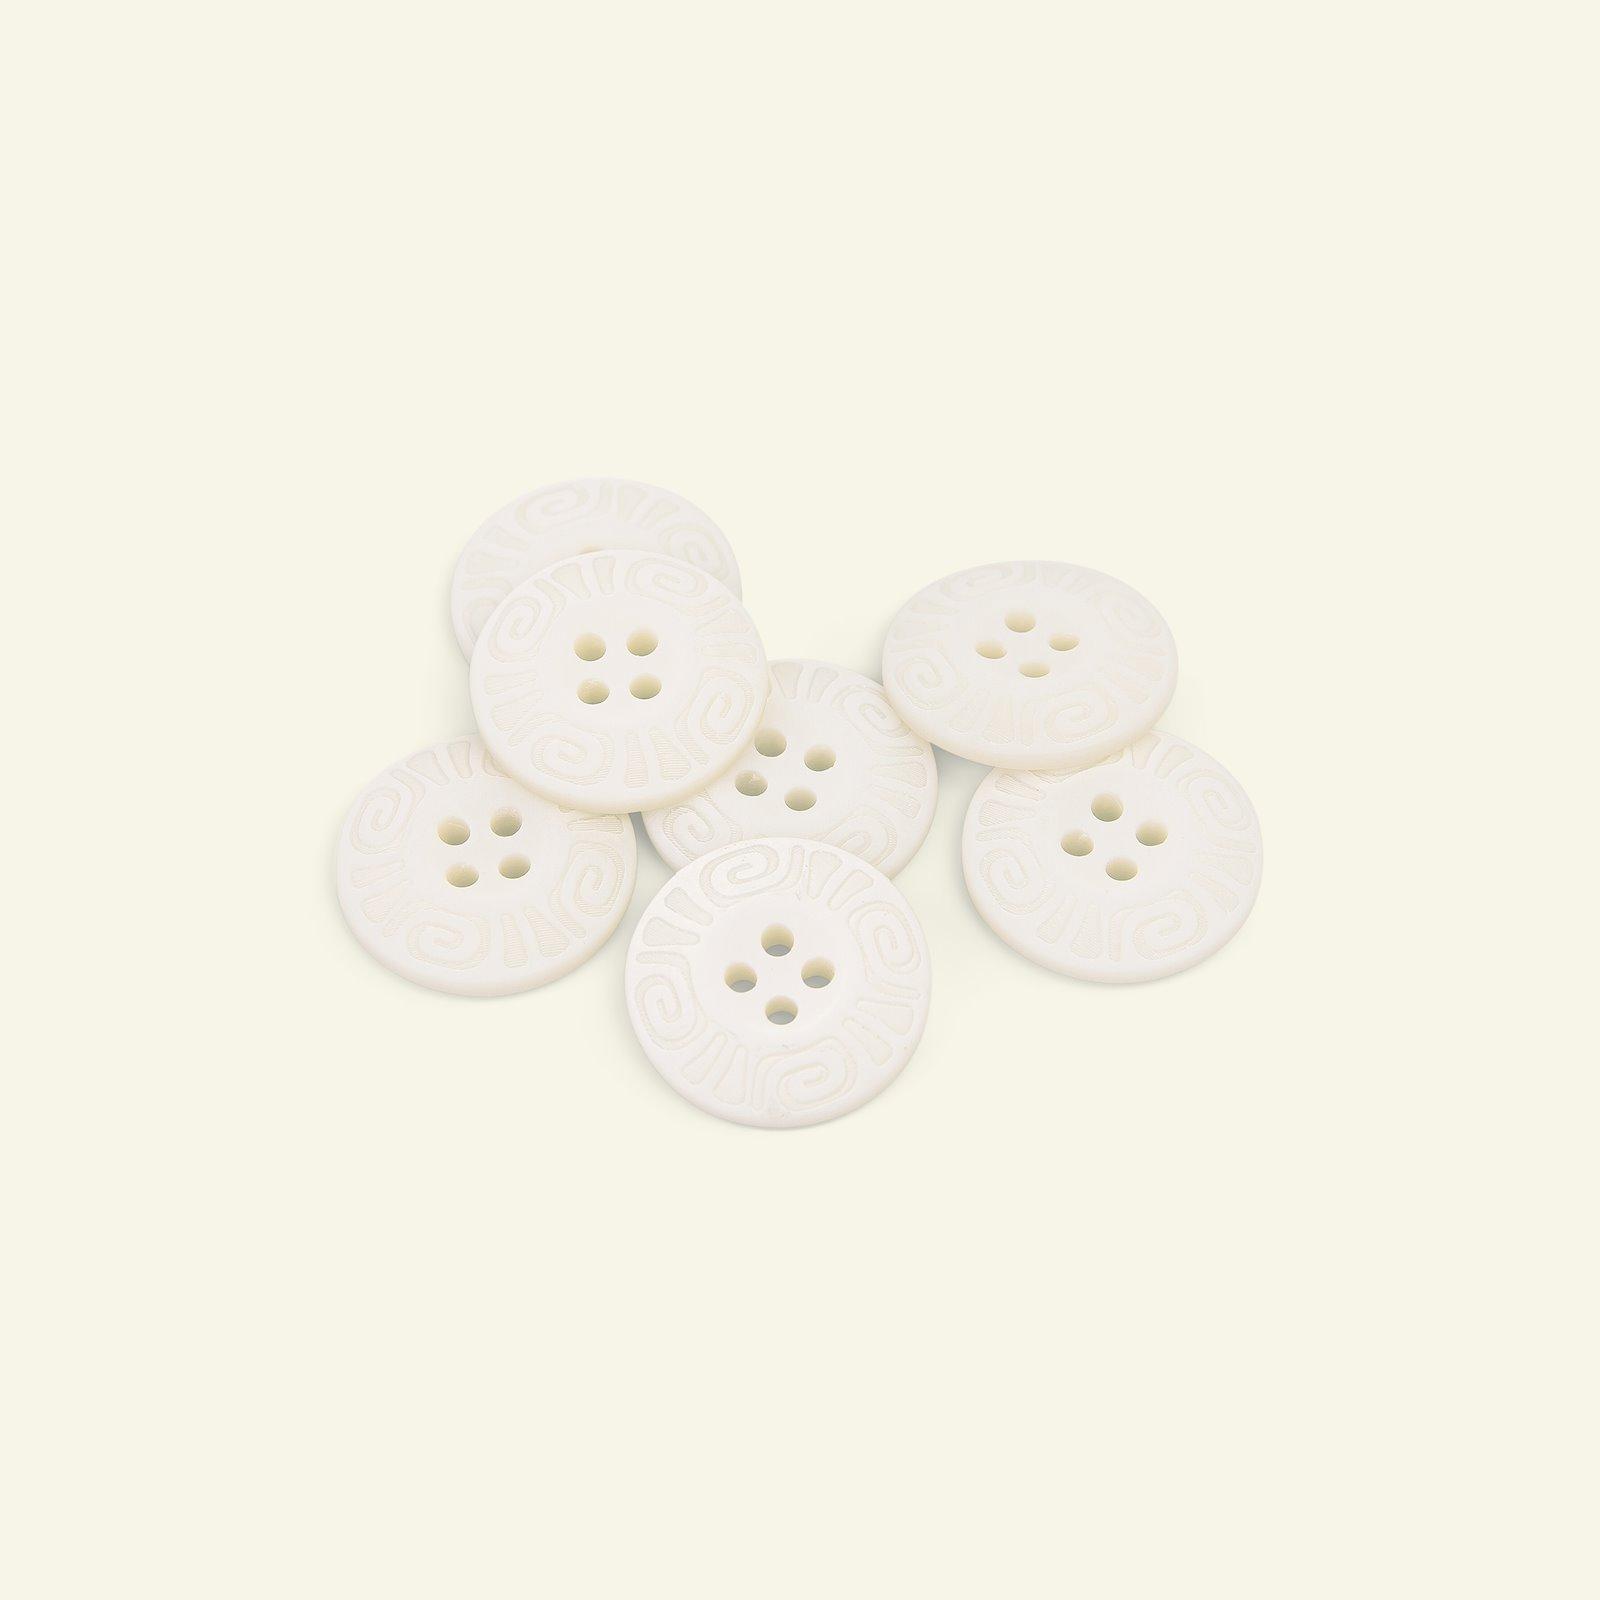 Button 4-holes w/rim 20mm white 7pcs 33102_pack